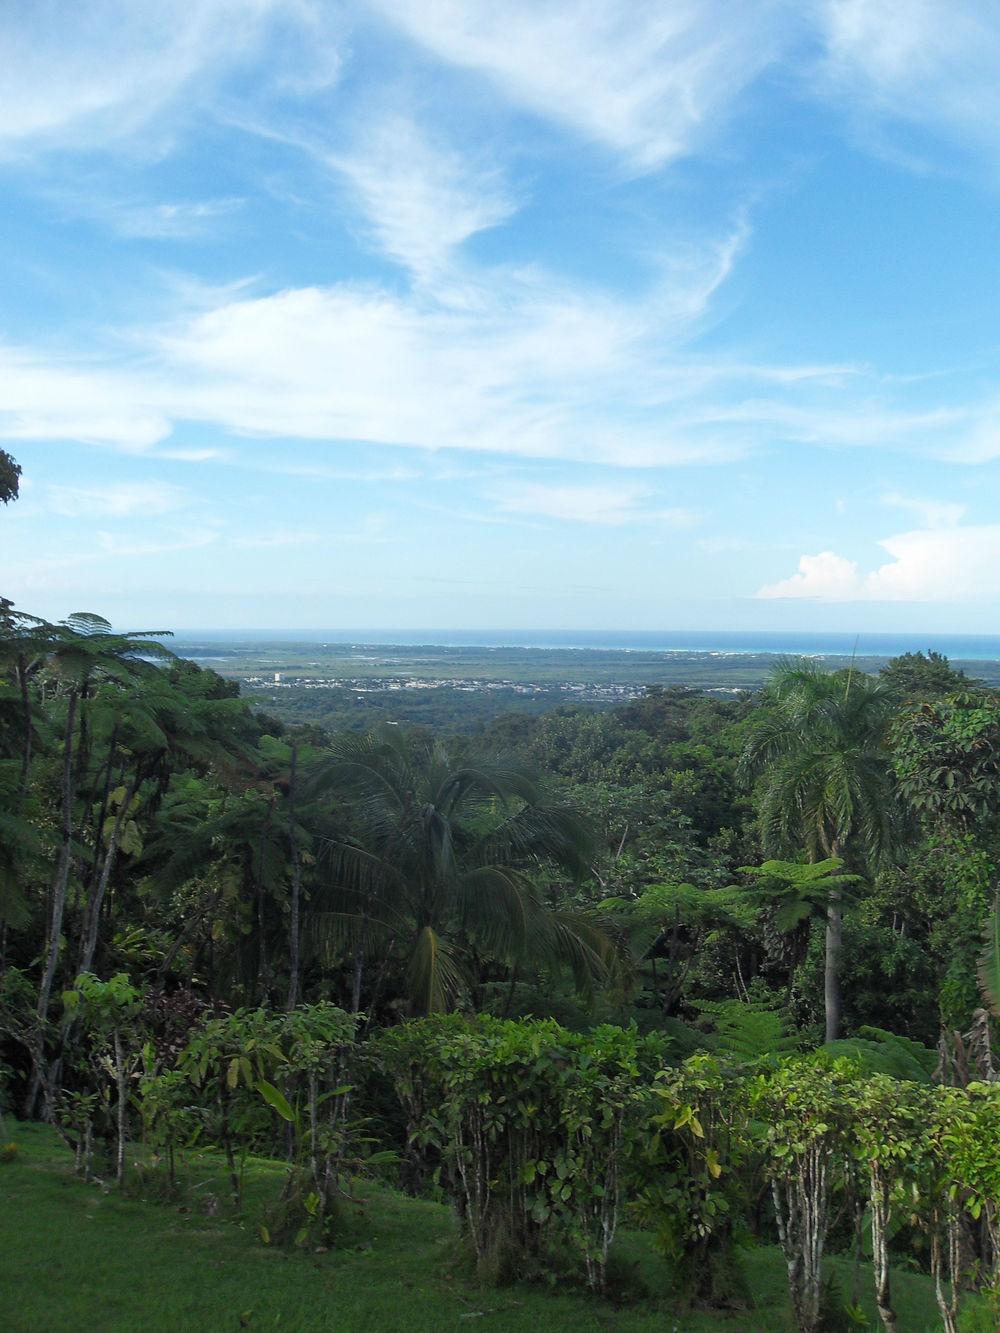 """Just one of many jungle views at Margarita's """"Villa Hermosa.""""       Nuestra Misión     Desde que compramos esta propiedad que eventualmente se convirtió en el Rainforest Inn, nosotros hemos tenido numerosas metas y aspiraciones que son darle al turista una experiencia única de Puerto Rico en un ambiente sustentable. Donde ofrecemos un retiro de la vida cotidiana y donde queremos que nuestros huéspedes se sientan como en casa mientras disfrutan de un lugar exótico. Sin embargo, nos esforzamos por ciertas cosas:  Traerle al visitante una experiencia impresionante a todo lo que el así lo desee.  Mientras nuestros huéspedes describen nuestro desayuno vegetariano como un desayuno delicioso y nutritivo. Nuestro lugar como un lugar cómodo y espacioso. El contraste de alrededor y la naturaleza alrededor del Rainforest Inn, desde la tranquilidad zen que nuestro estanque de peces koi y nuestro terreno ofrece, desde las plantas de agave, arboles de pana, carambola y guineo. Desde las vistas que ofrece nuestra caminata """"Lost machete hike"""" hasta las vistas al mar caribe que pueden ser apreciadas desde nuestro balcón para tomar el sol. Hemos trabajado para atraer a nuestros huéspedes a conectarse más con la naturaleza y atraer la naturaleza más cerca de ellos.  Nuestra meta principal es hacer su estadía en nuestra casa una experiencia natural y única.  Estamos comprometidos con la sostenibilidad y con el Bosque húmedo El Yunque  Hemos tomado el paso para hacer de El Rainforest Inn un lugar que no afecte la naturaleza que nos rodea.  Todas nuestras luces son LED y hemos abstenido la propiedad del aire acondicionado con el fin de mantener los costos de energía bajos, los techos altos, ventiladores y fuertes vientos de las montañas hacen que el aire acondicionado no sea necesario. Recogemos y re utilizamos el agua que el bosque húmedo de El Yunque nos ofrece, por medio de cisternas. Nuestro residuos de alimentos se re utiliza mediante un medio de composta donde se utilizan a largo p"""